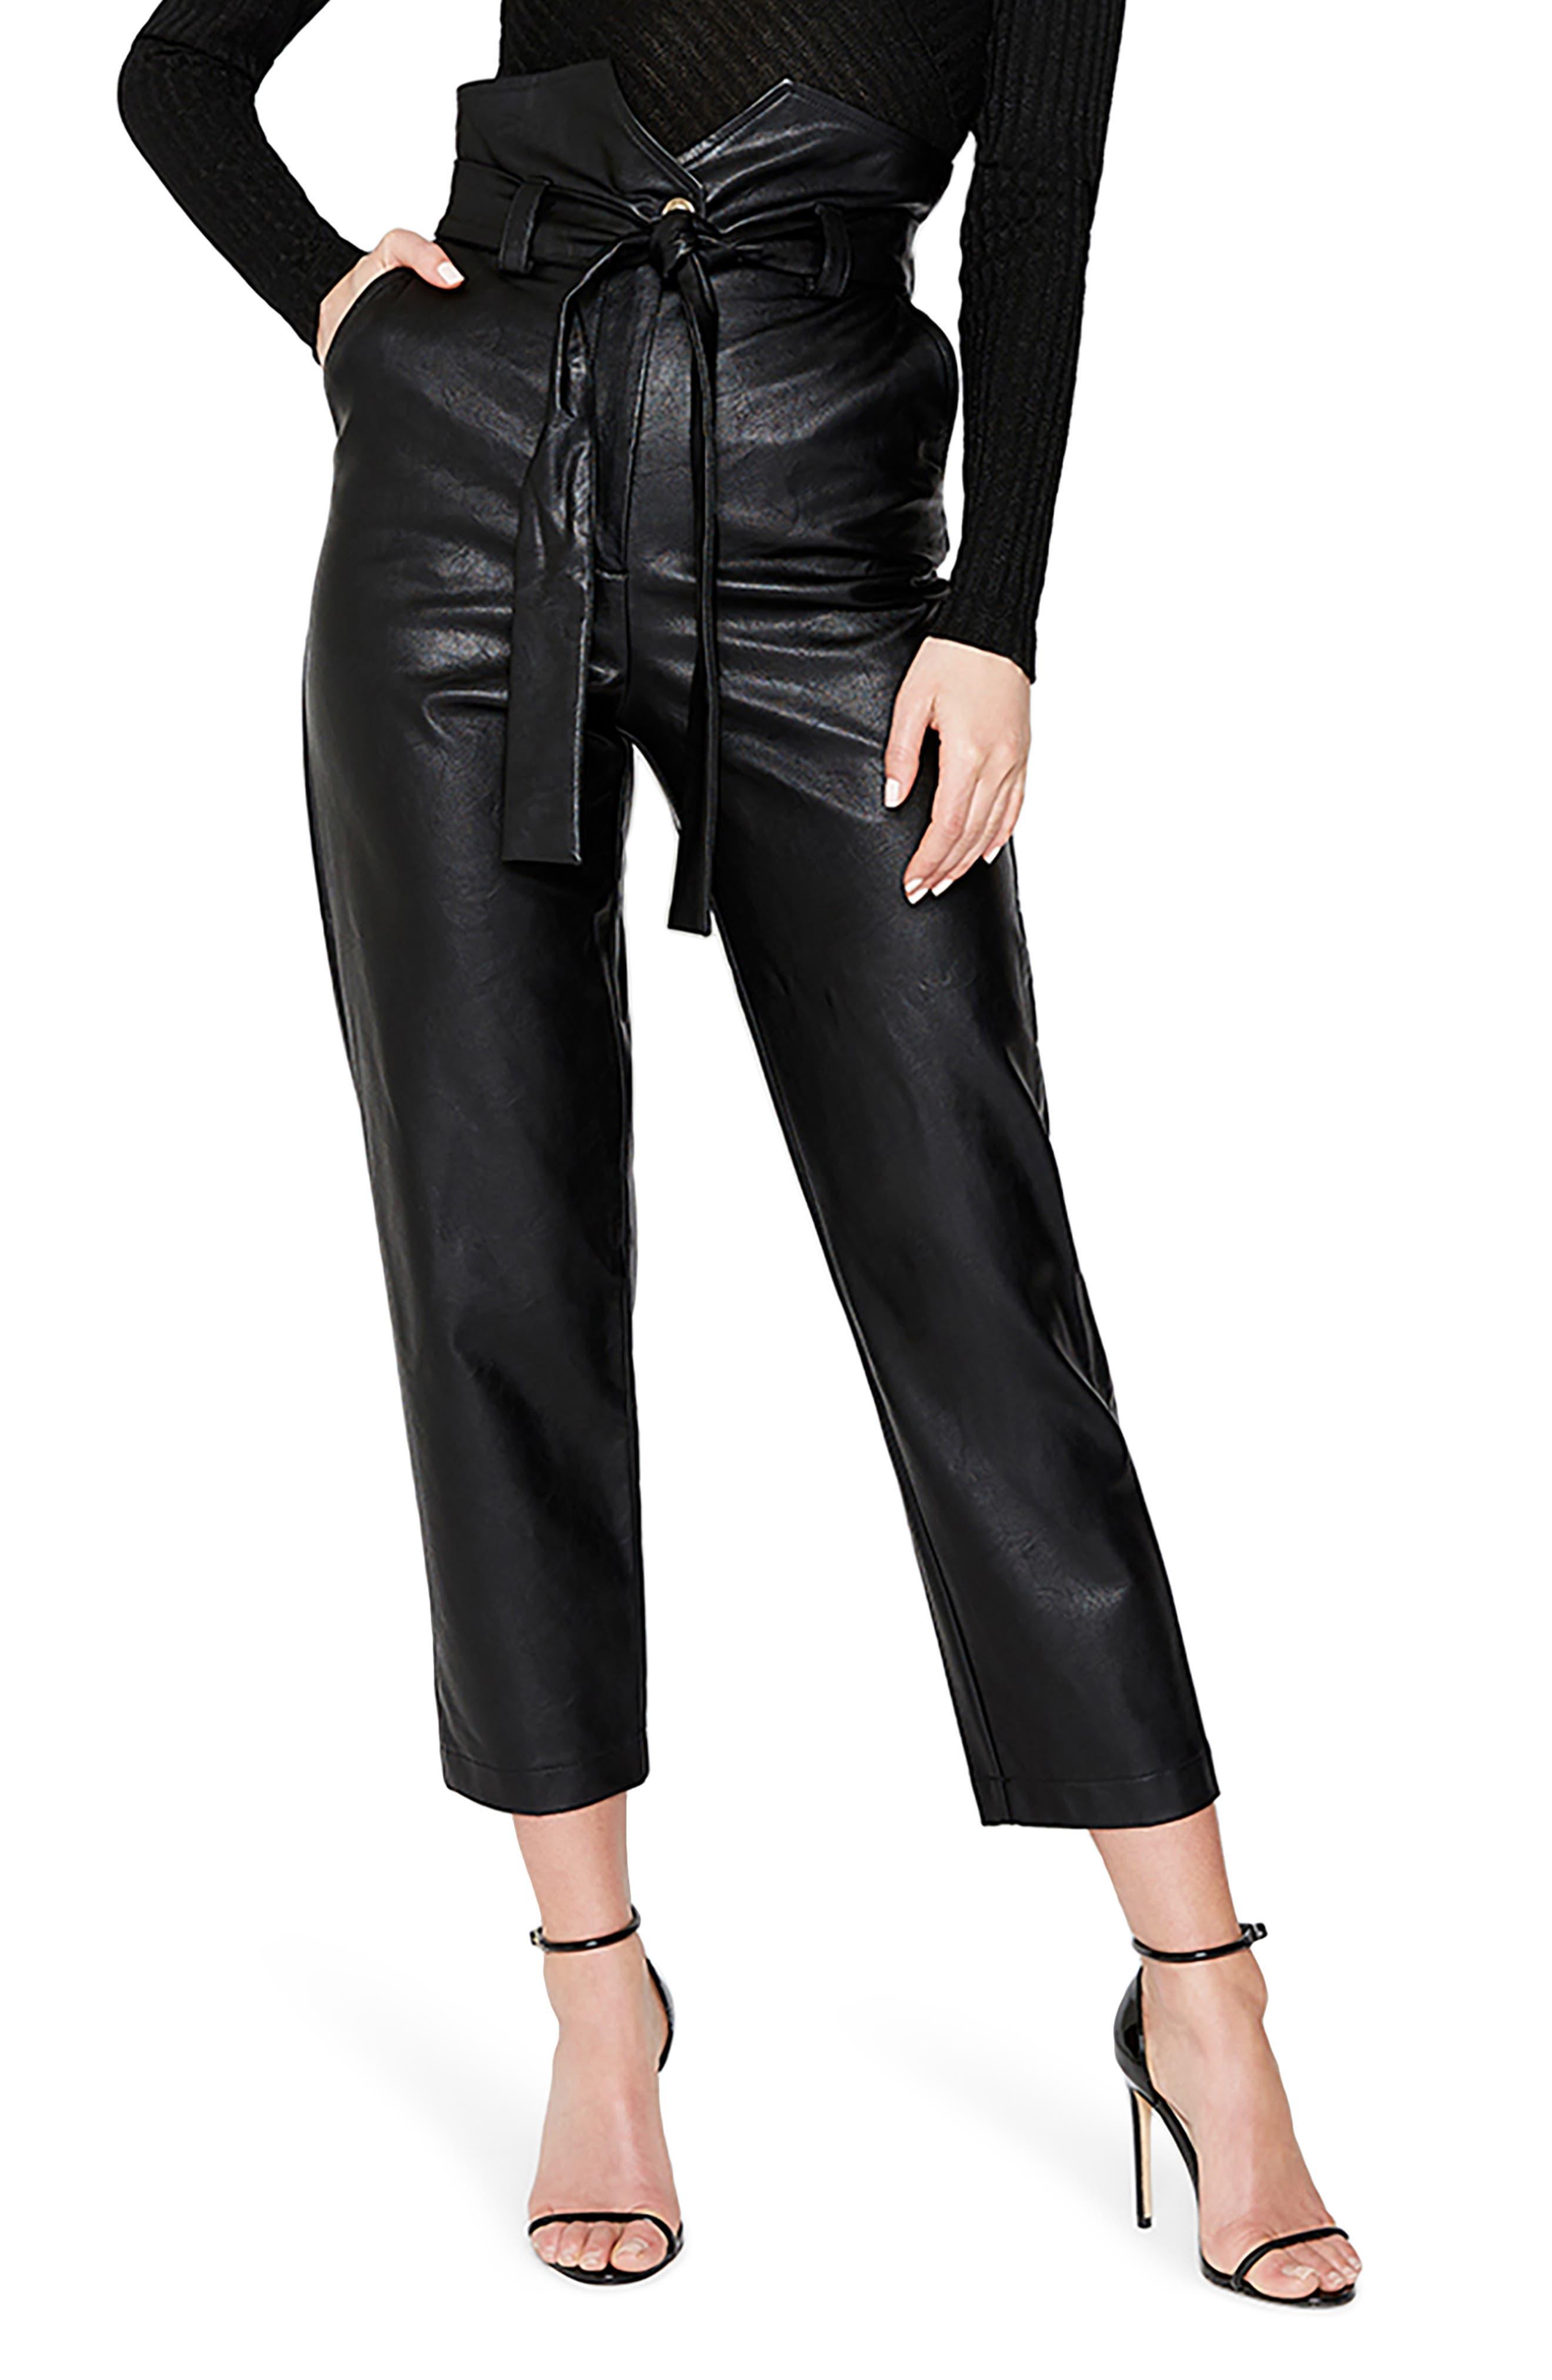 Debbie Textured Faux Leather Pants